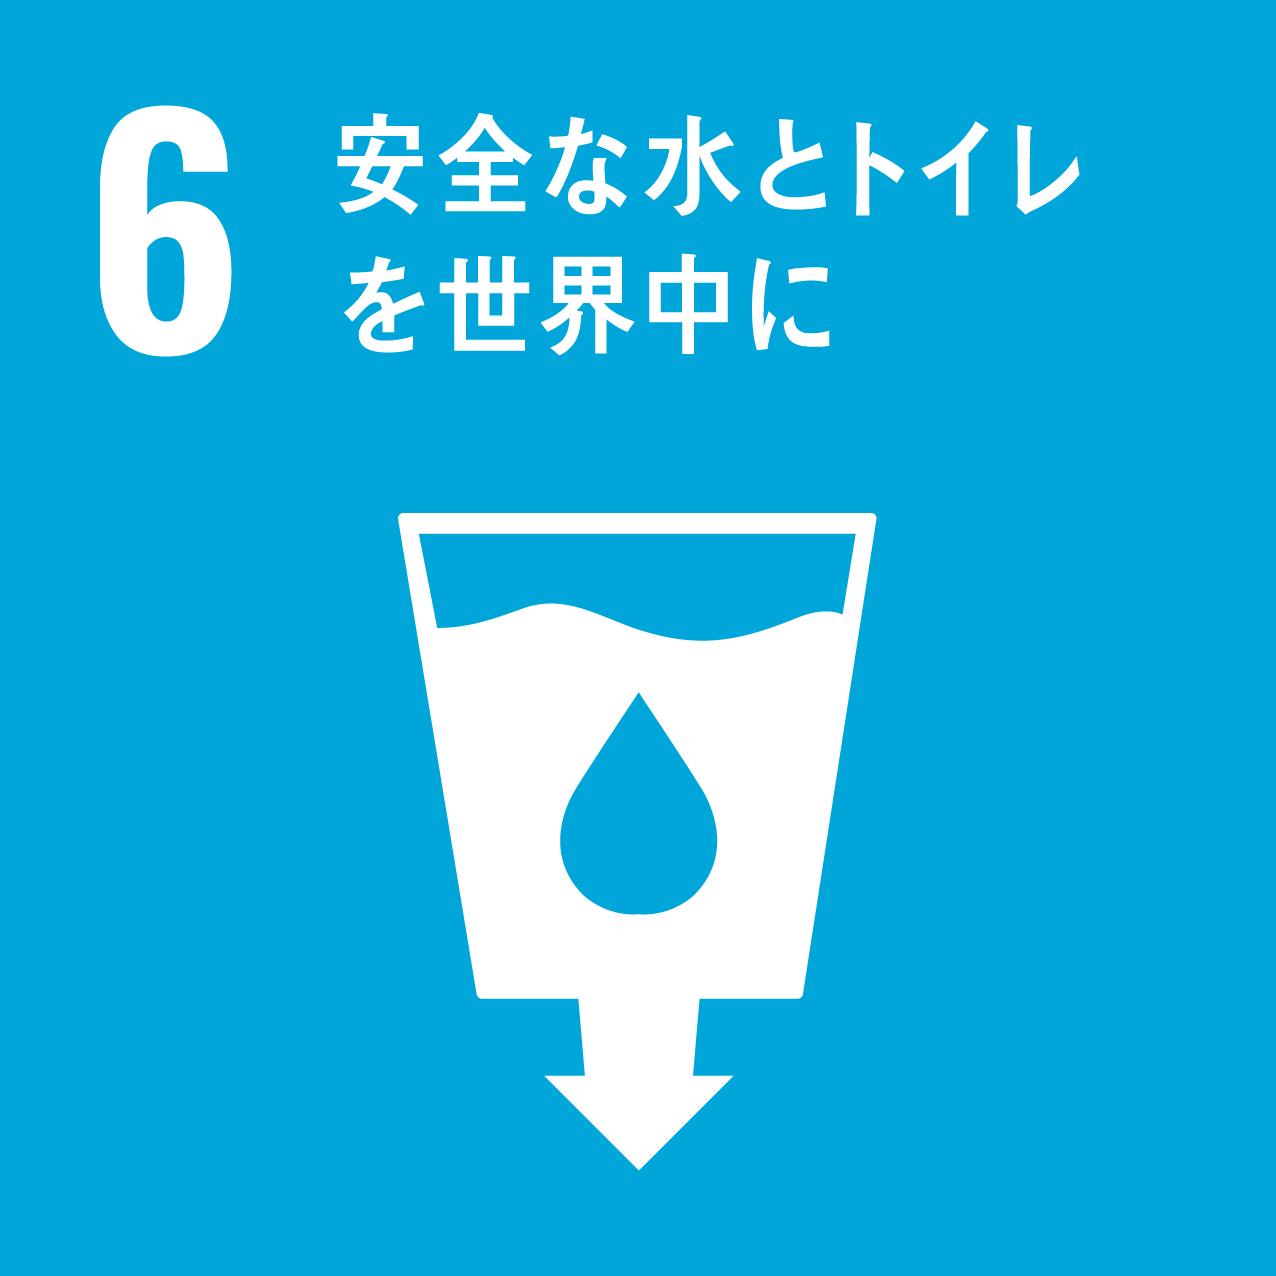 06安全な水とトイレを世界中に